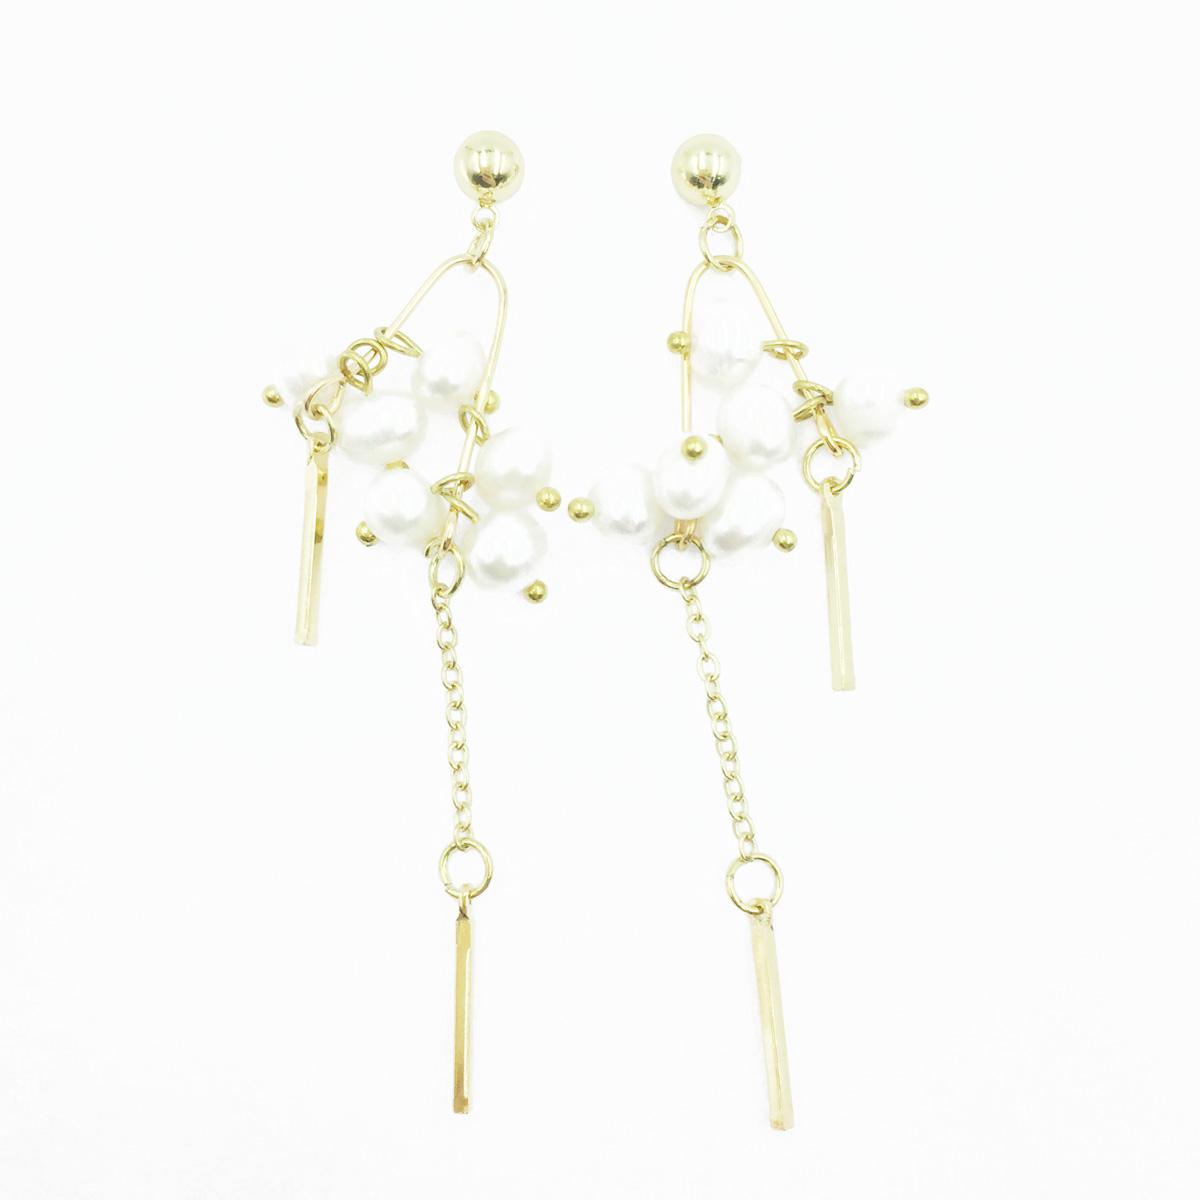 韓國 925純銀 珍珠 金屬條 小金珠 垂墜感 耳針式耳環